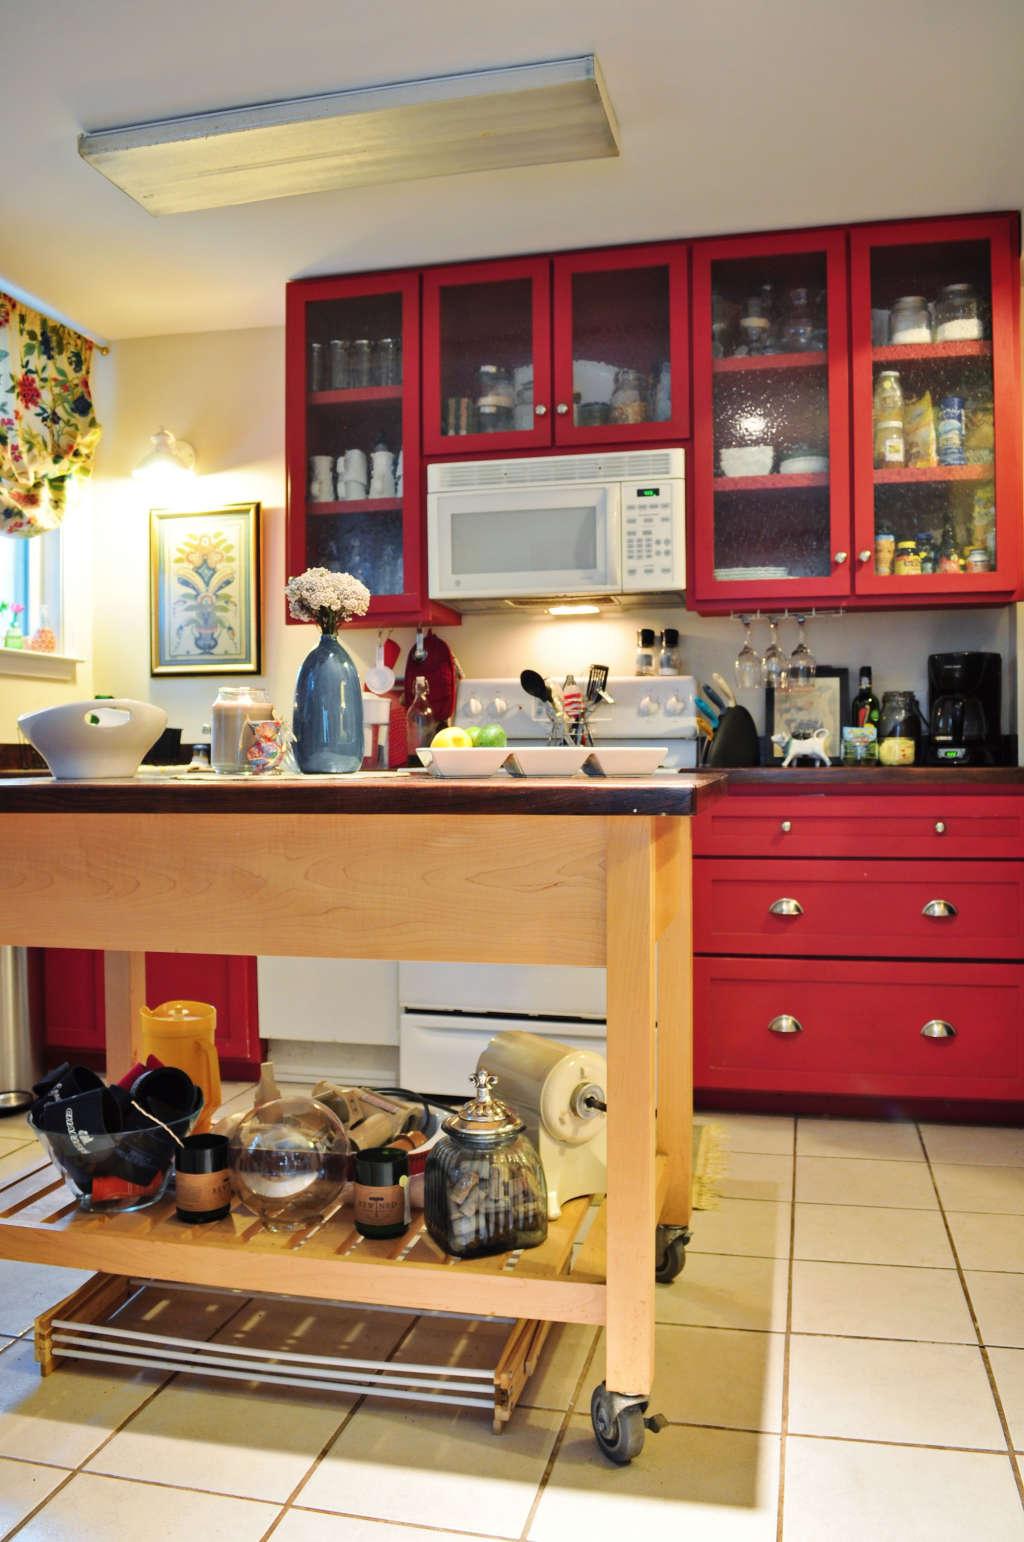 Deidre's Bold Red Kitchen Cabinets | Kitchn